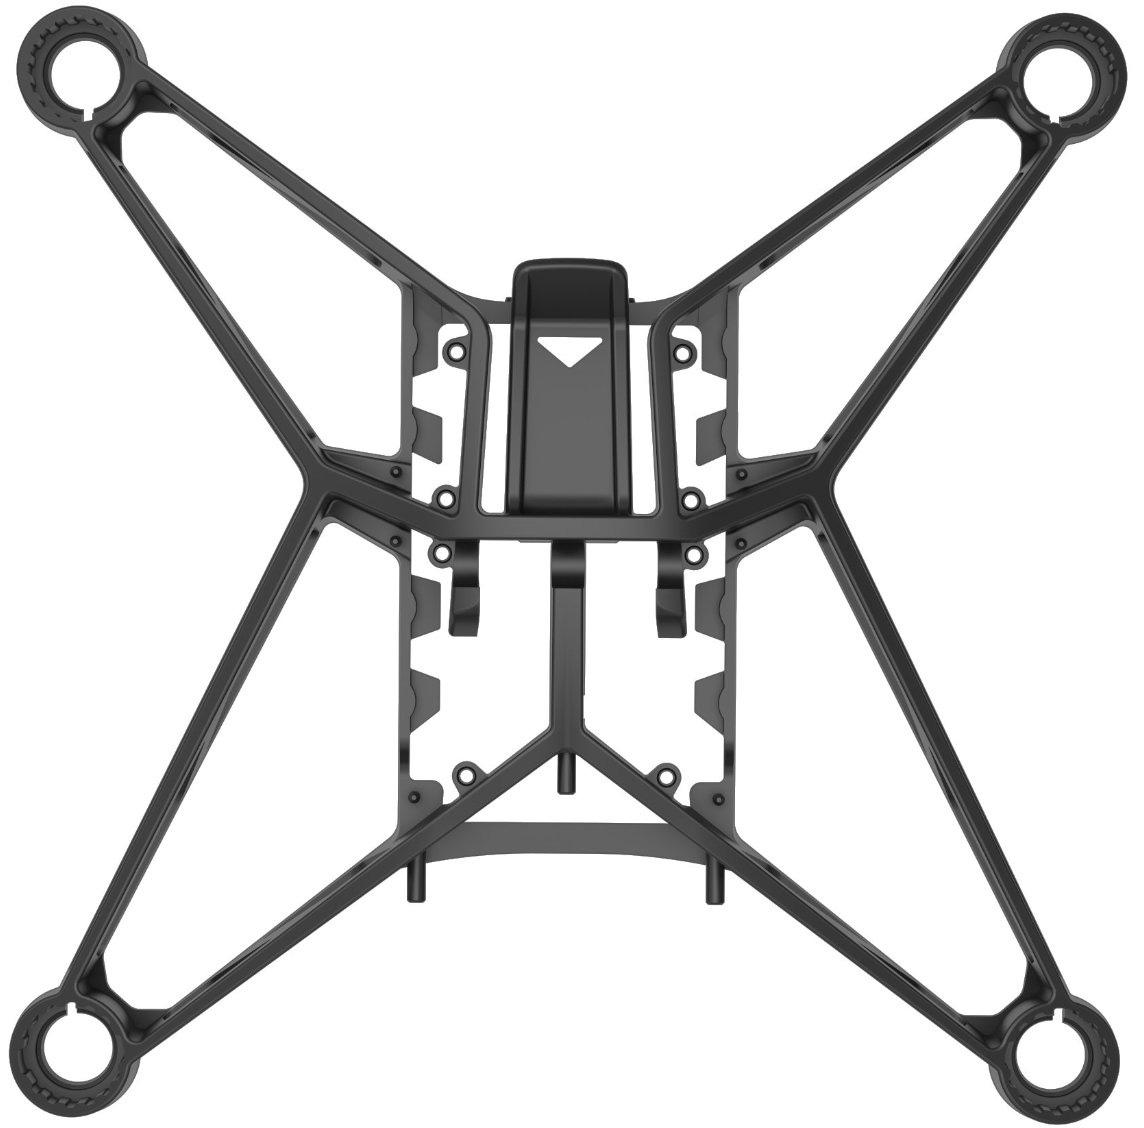 MiniDrones